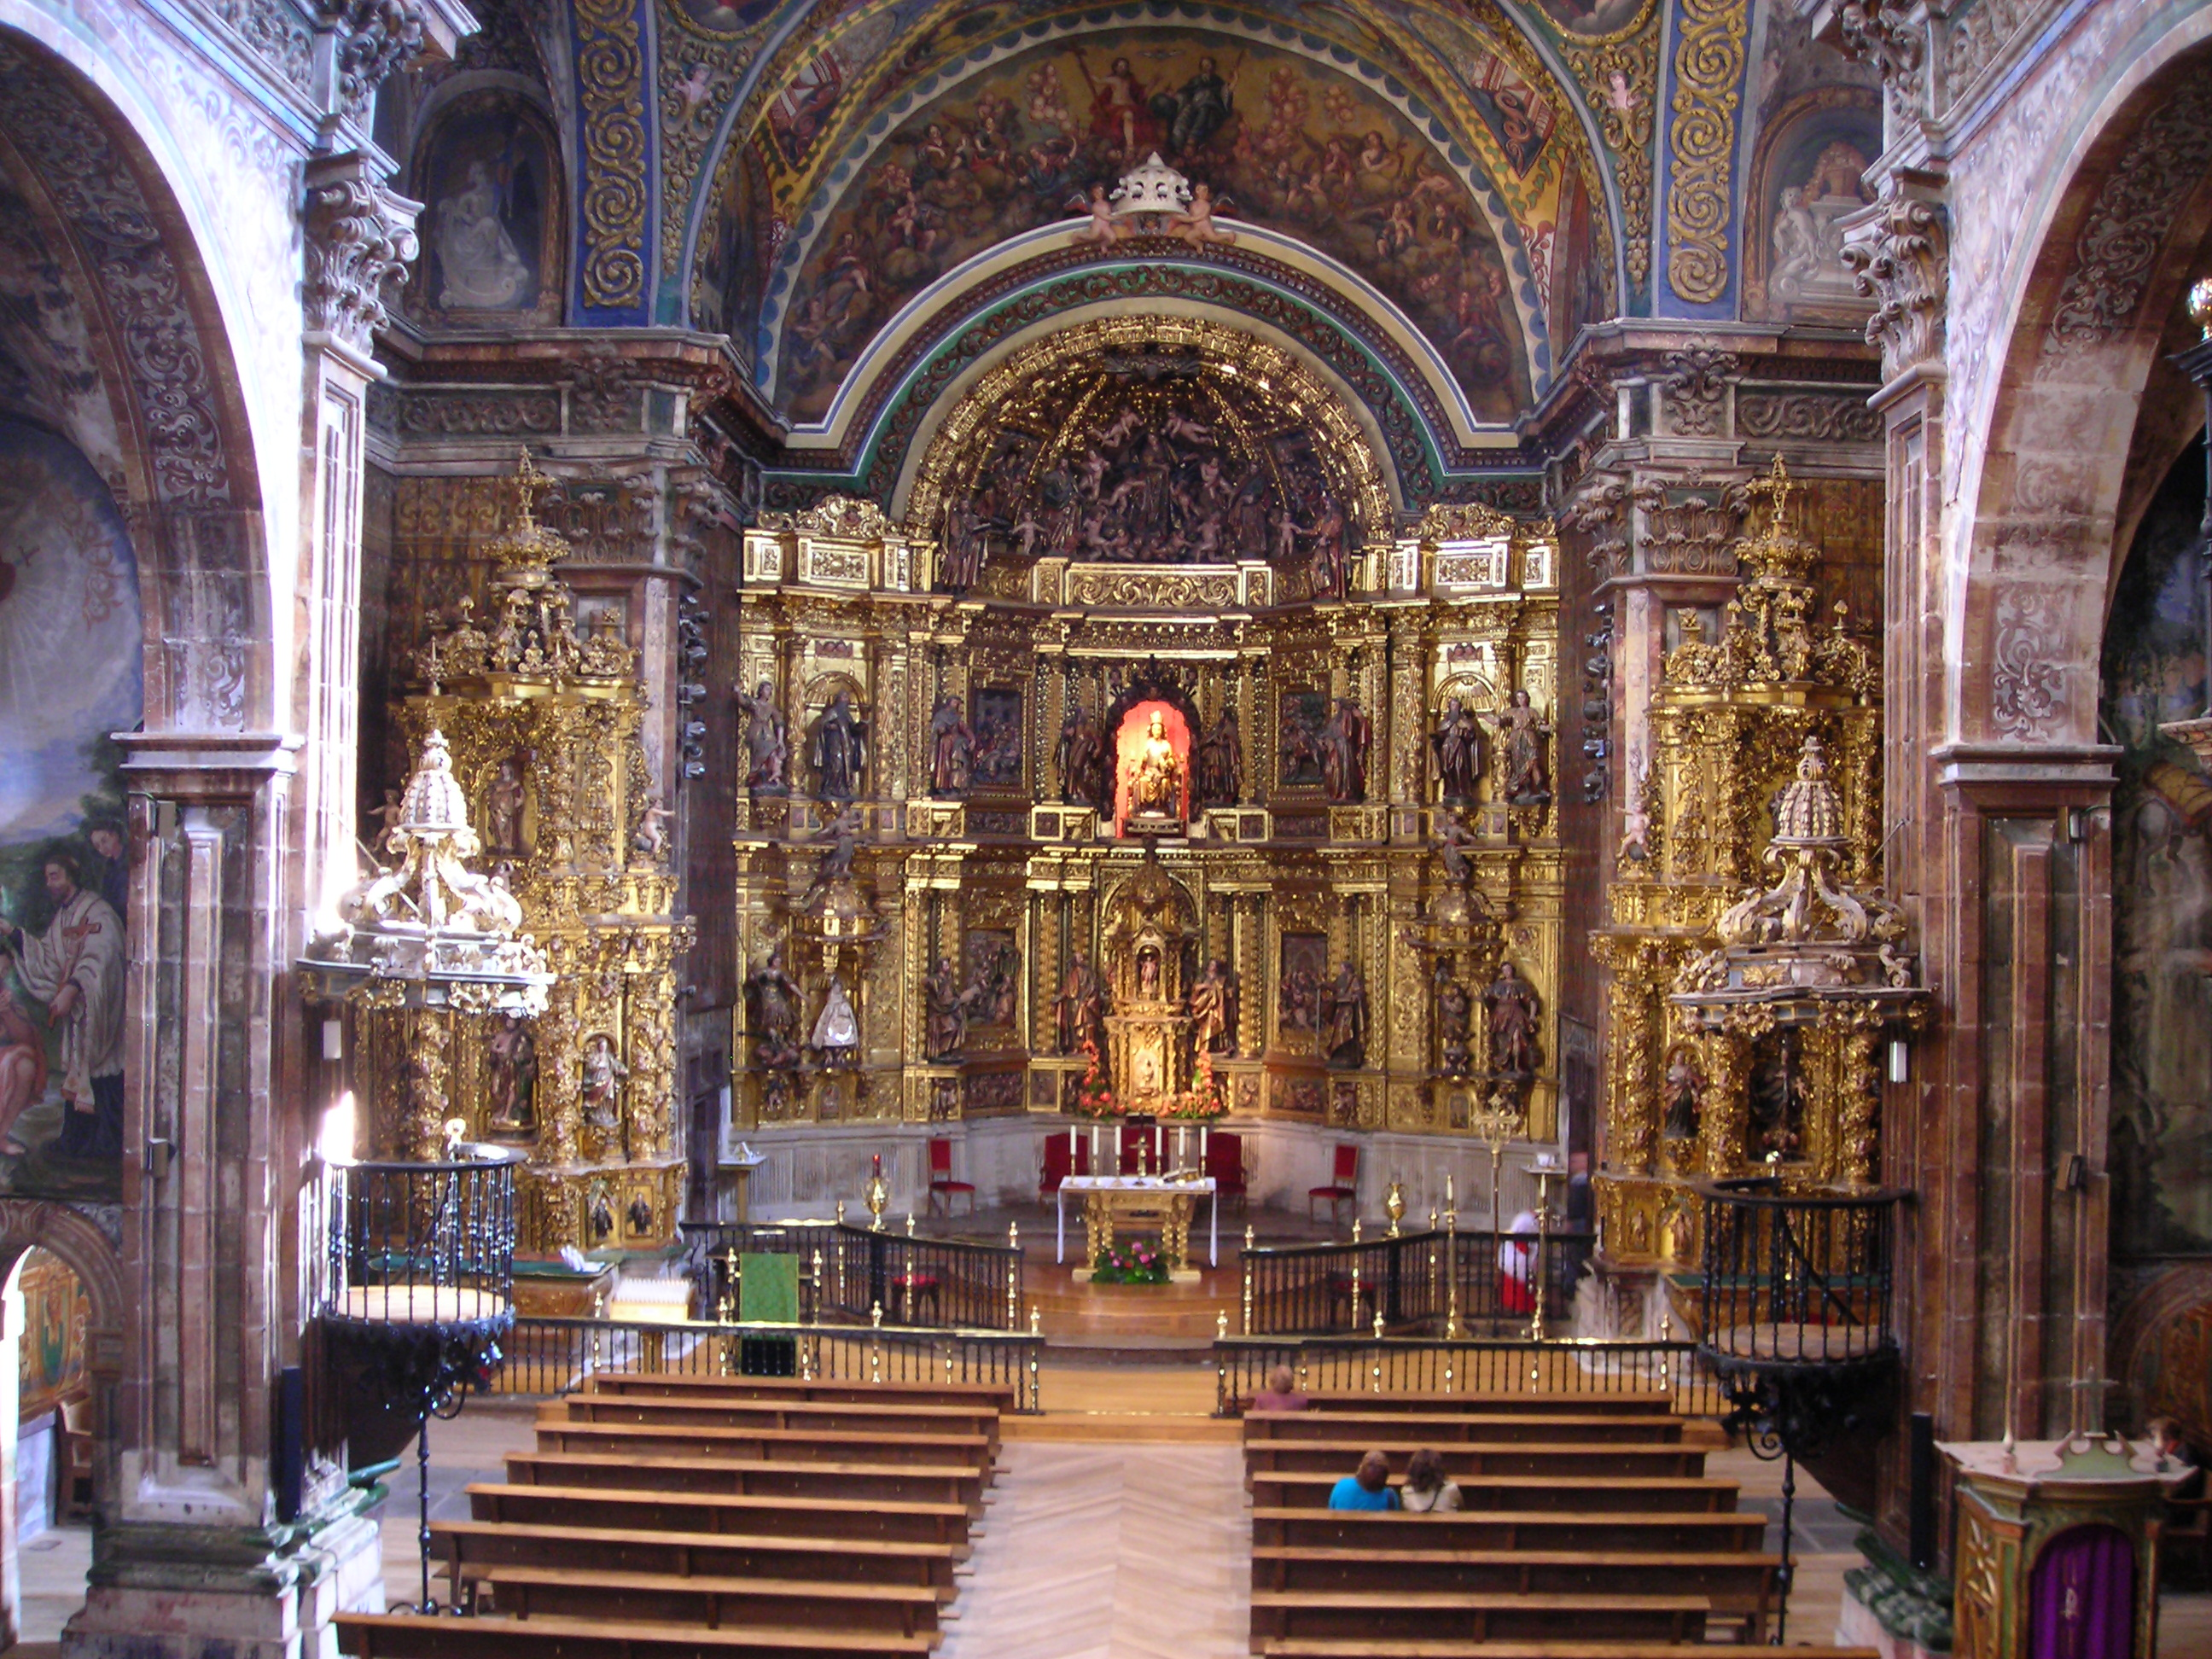 File:Iglesia de Santa María de los Arcos.JPG - Wikimedia Commons